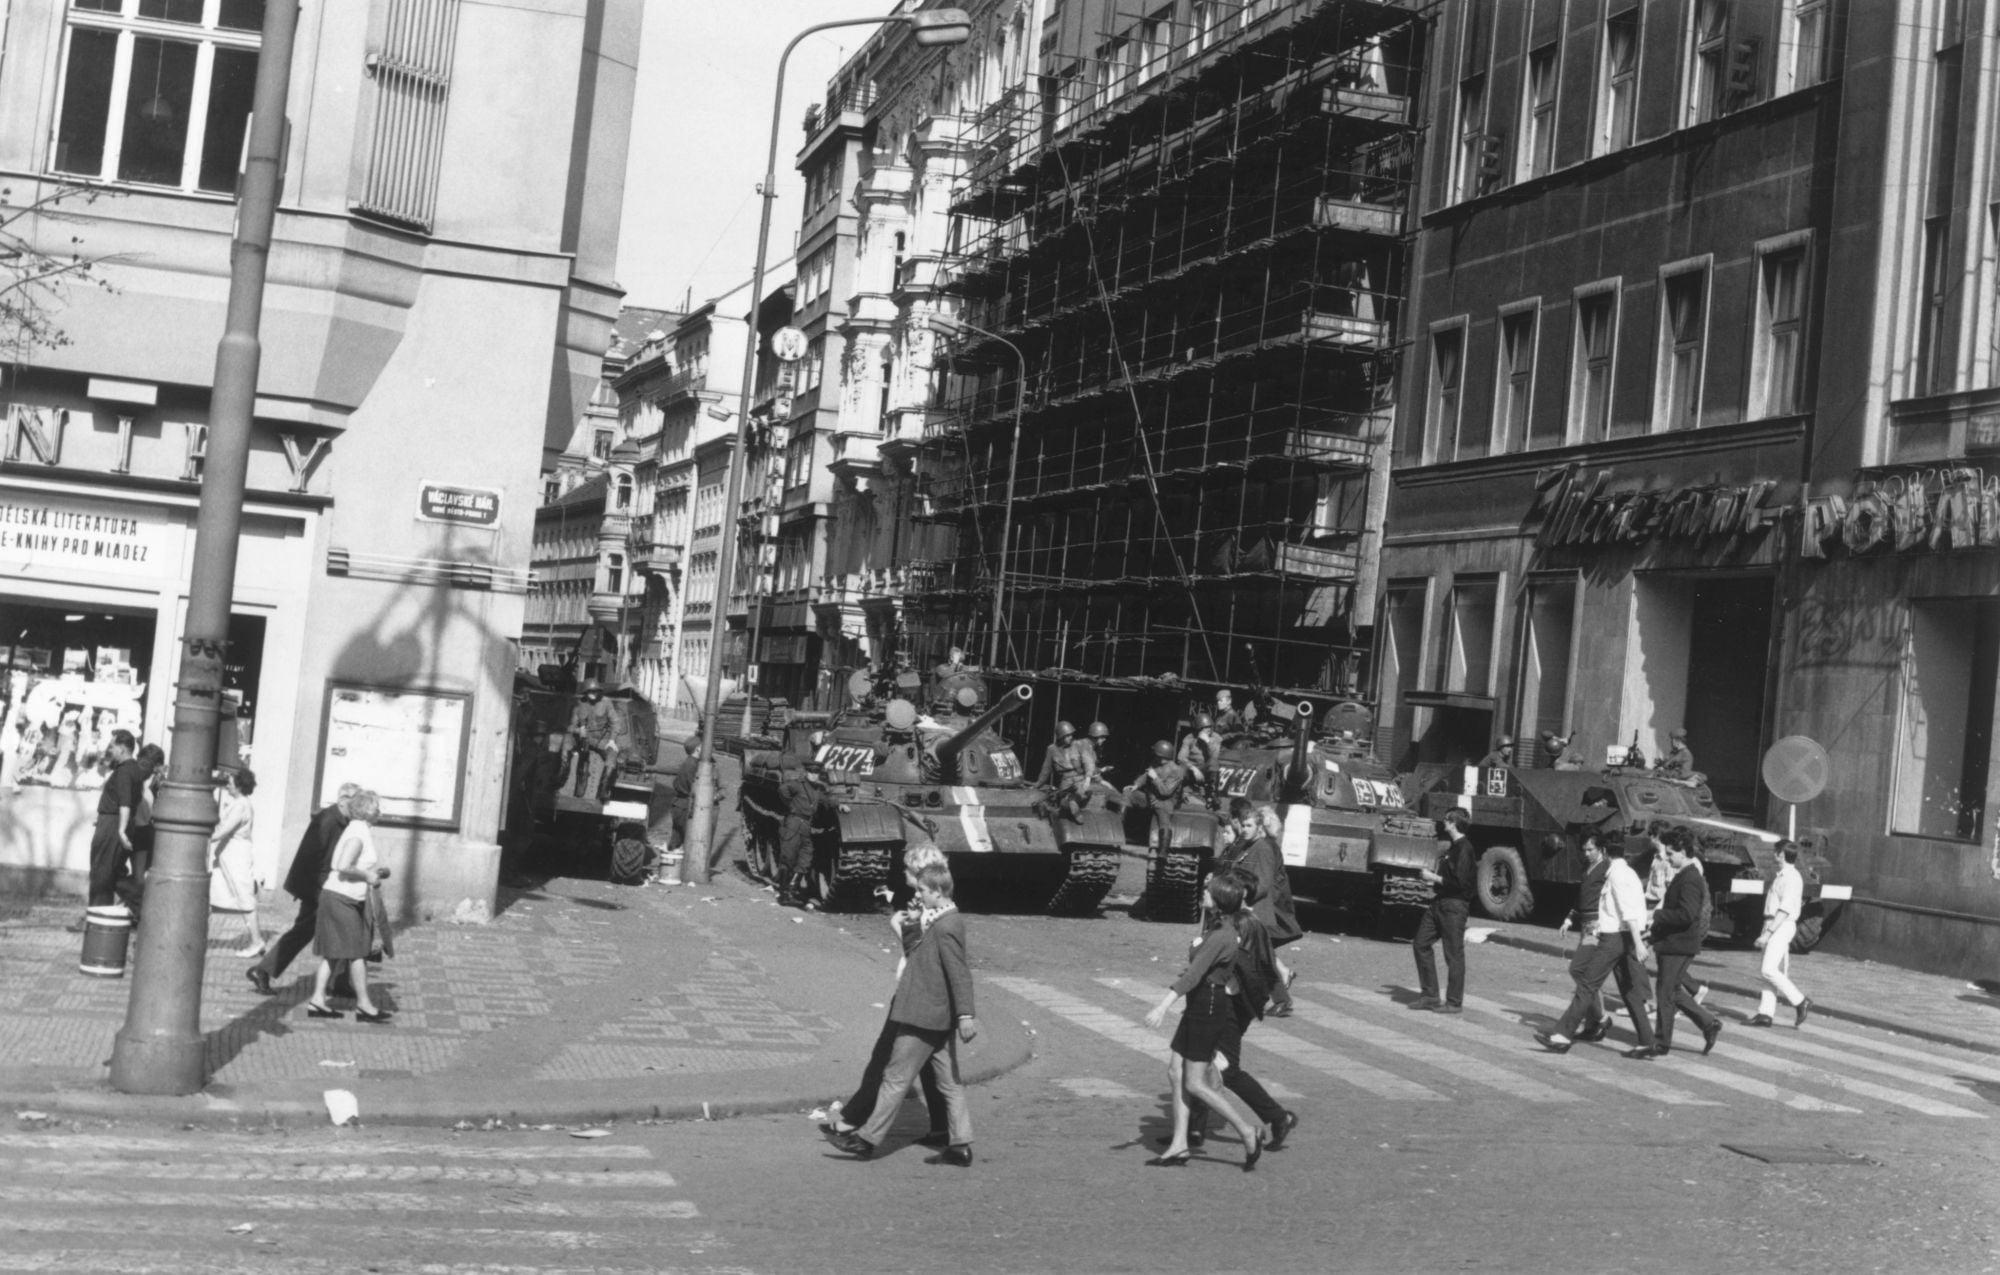 52 χρόνια από την Άνοιξη της Πράγας